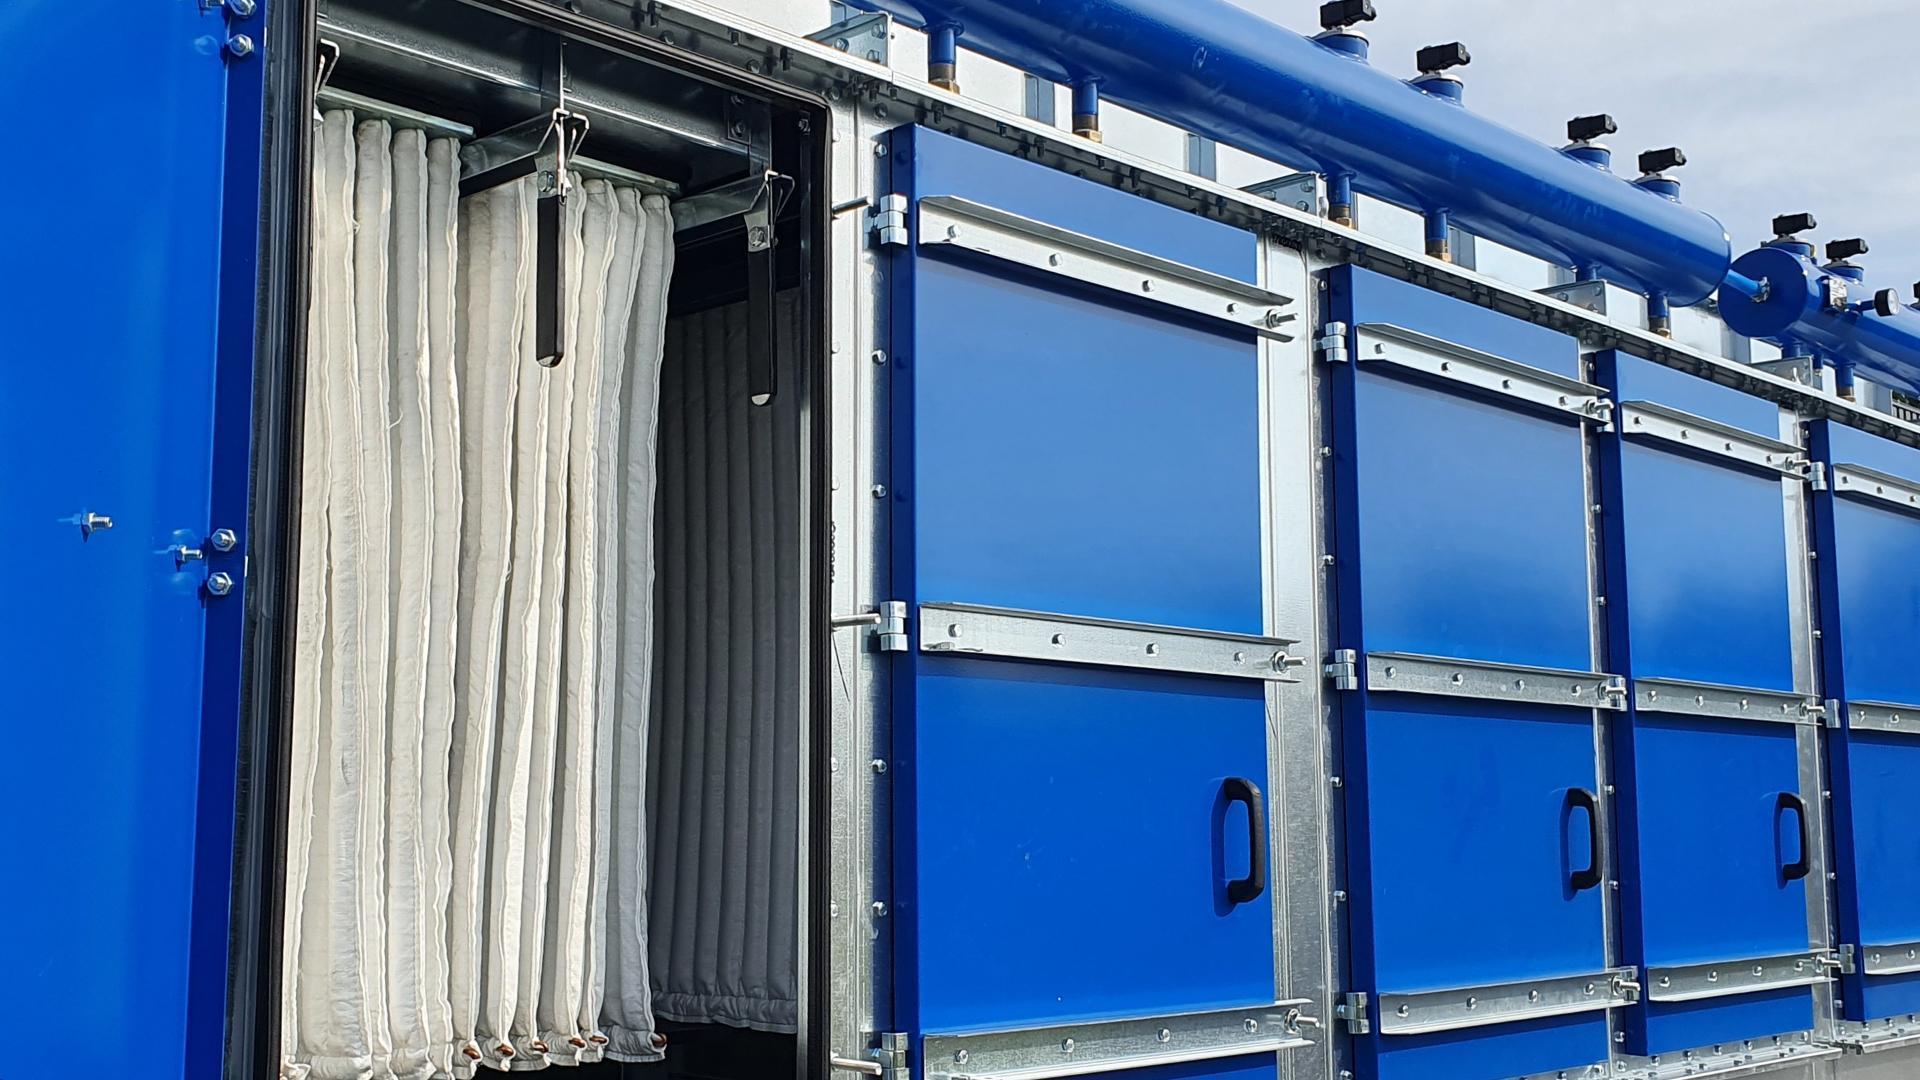 Odpylacz kasetowy - patronowy, modułowy odpylacz filtracyjny do pyłów, czyszczenie sprężonym powietrzem